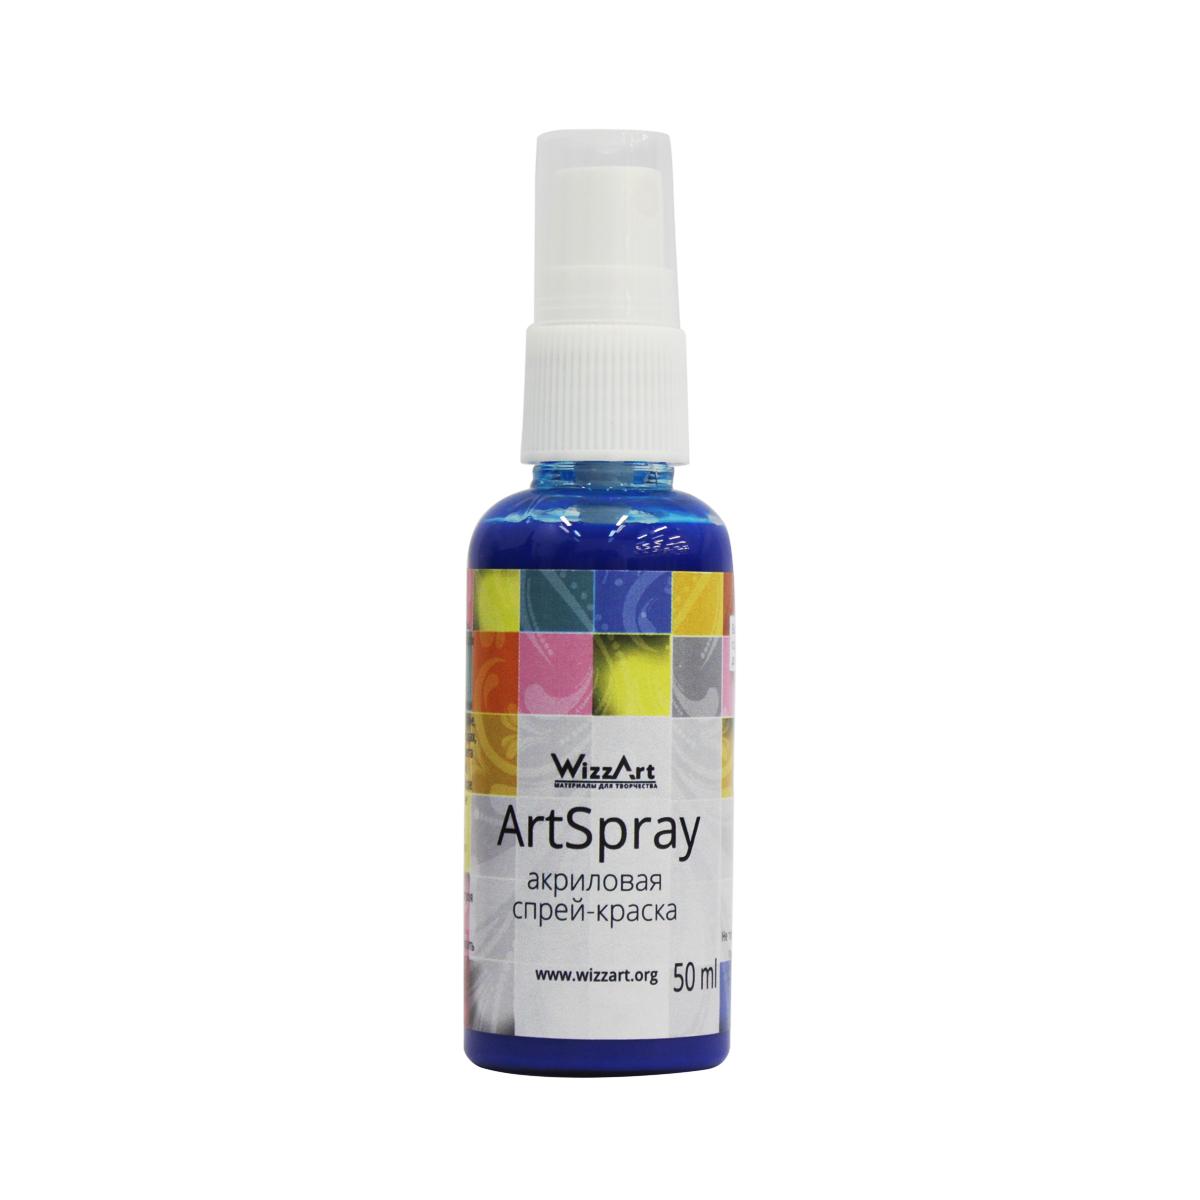 Краска-спрей акриловая Wizzart ArtSpray, цвет: индиго, 50 мл499970Серия ArtSpray от фирмы WizzArt - это акриловые краски в удобной форме спрея. Богатство палитры оттенков и возможность смешивать их между собой открывает безграничные возможности для творчества. Краска-спрей наиболее удобна для окрашивания широких поверхностей и для использования трафаретов. Ее легко распылять из флакона, покрытие получается матовым, ровным и плотным. Краска применима на большинстве поверхностей, используемых в различных видах творчества - это может быть пластик, картон, бумага, дерево, керамика, кожа, стекло. Эти акриловые краски абсолютно безопасны и экологичны, не выделяют в воздух никаких вредных веществ. Акриловые краски являются наиболее распространенными в различных видах ручного труда - декорировании, декупаже, росписи различных основ. Краска-спрей WizzArt удобна в работе, высыхает в течение часа, приобретая водостойкость. Используемые при производстве пигменты устойчивы к выцветанию на свету, краска долго остается такой же яркой и насыщенной, как при окрашивании.Объем: 50 мл.Товар сертифицирован.